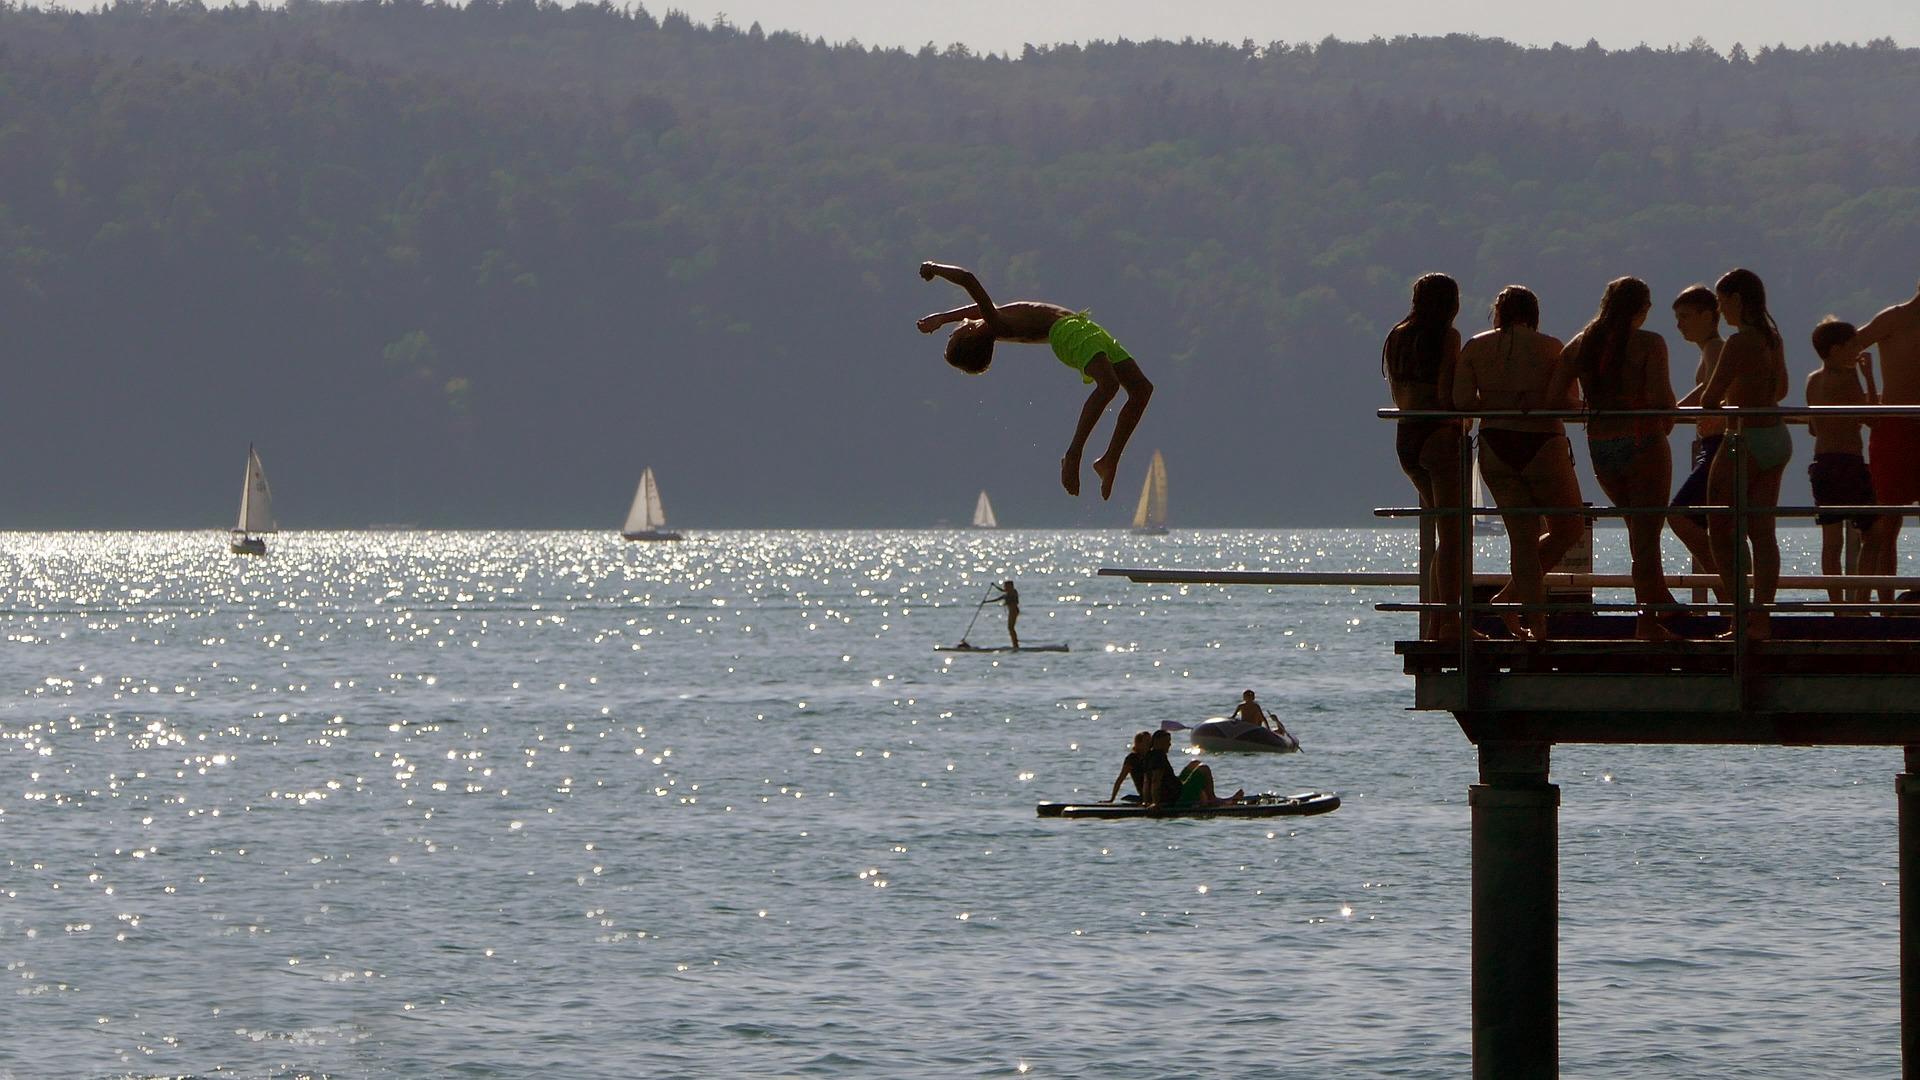 Ein Junge springt rückwärts von einem Steg in einen See. Im Hintergrund sind Segelboote und Stand-Up-Paddler zu sehen.